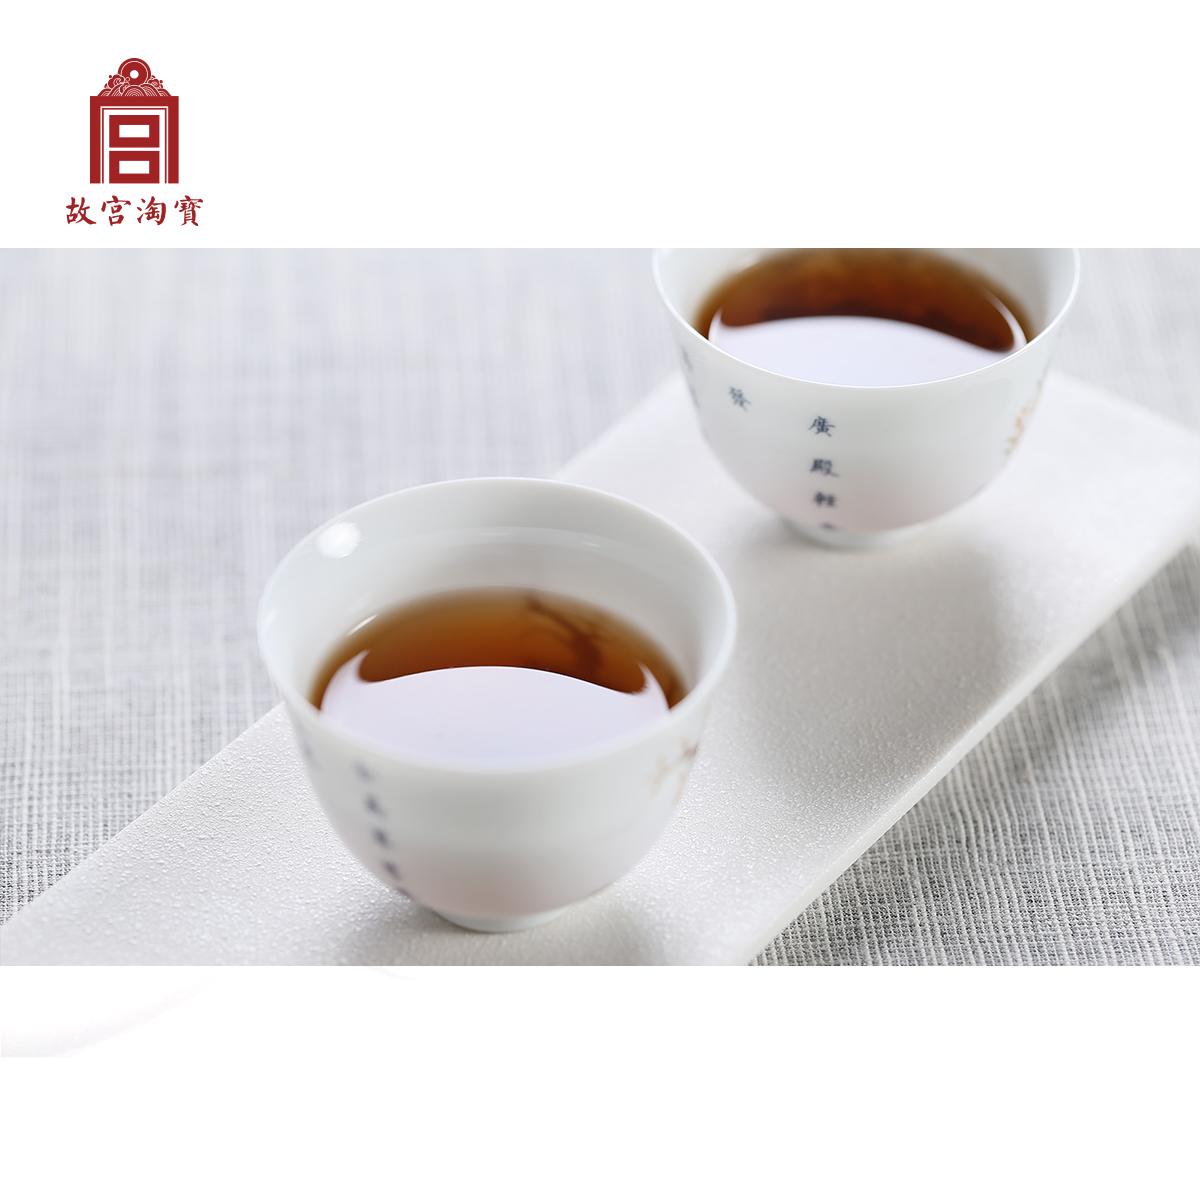 【单品包邮】武夷岩茶金奖肉桂-珍藏于2010年的限量特级大红